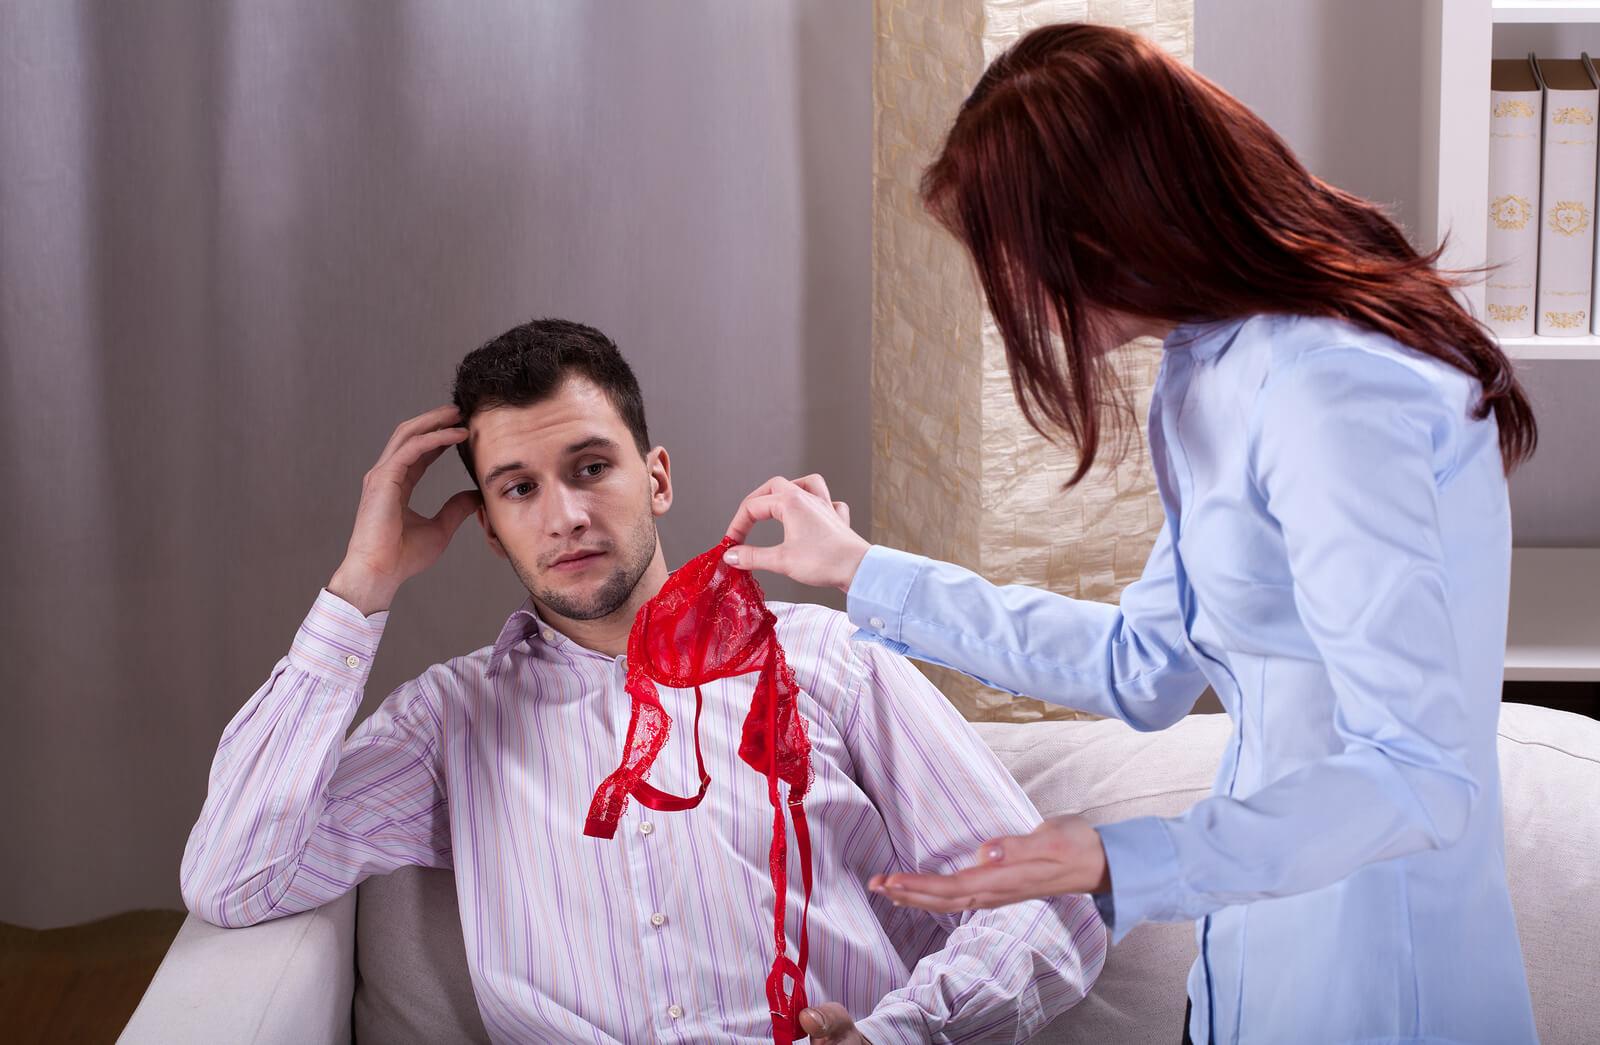 Изменяет муж с коллегой